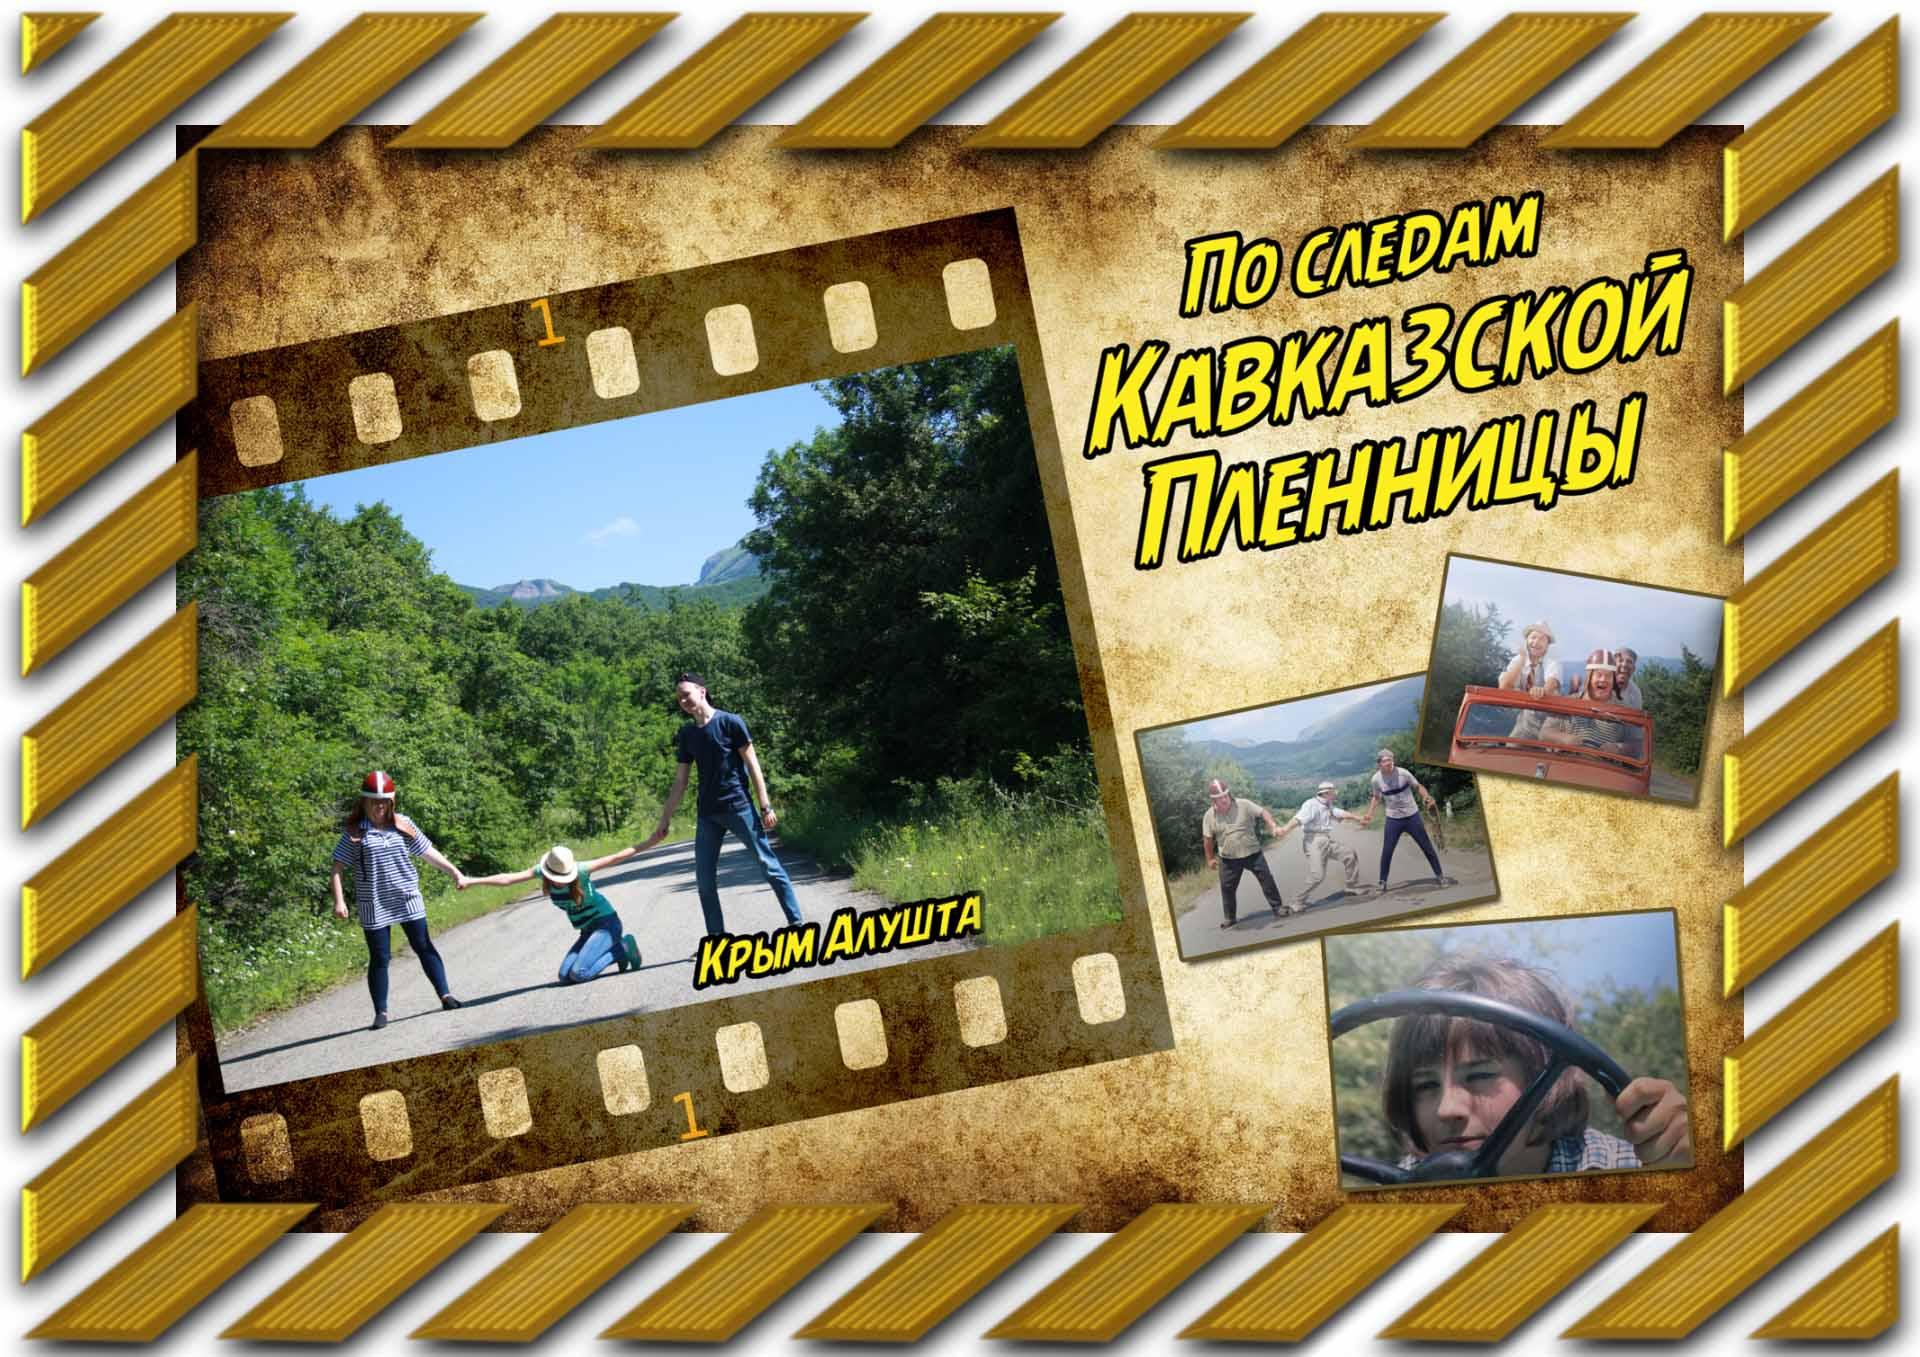 Экскурсия по следам кавказской пленницы